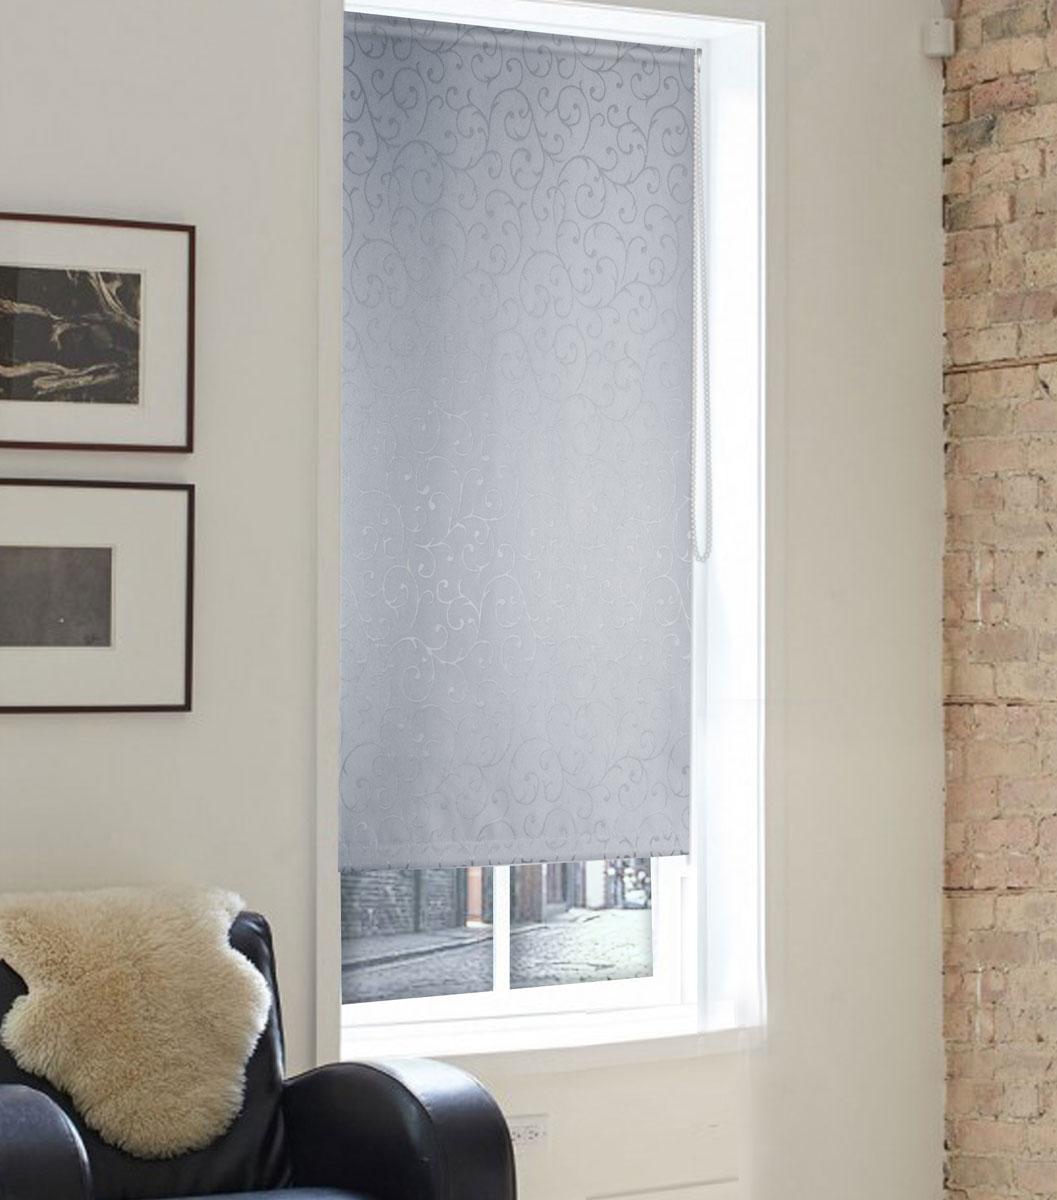 Штора рулонная Эскар Миниролло. Агат, цвет: серый, ширина 115 см, высота 160 см37022115160Рулонная штора Эскар Миниролло. Агат выполнена из высокопрочной ткани, которая сохраняет свой размер даже при намокании. Ткань не выцветает и обладает отличной цветоустойчивостью.Миниролло - это подвид рулонных штор, который закрывает не весь оконный проем, а непосредственно само стекло. Такие шторы крепятся на раму без сверления при помощи зажимов или клейкой двухсторонней ленты. Окно остается на гарантии, благодаря монтажу без сверления. Такая штора станет прекрасным элементом декора окна и гармонично впишется в интерьер любого помещения.